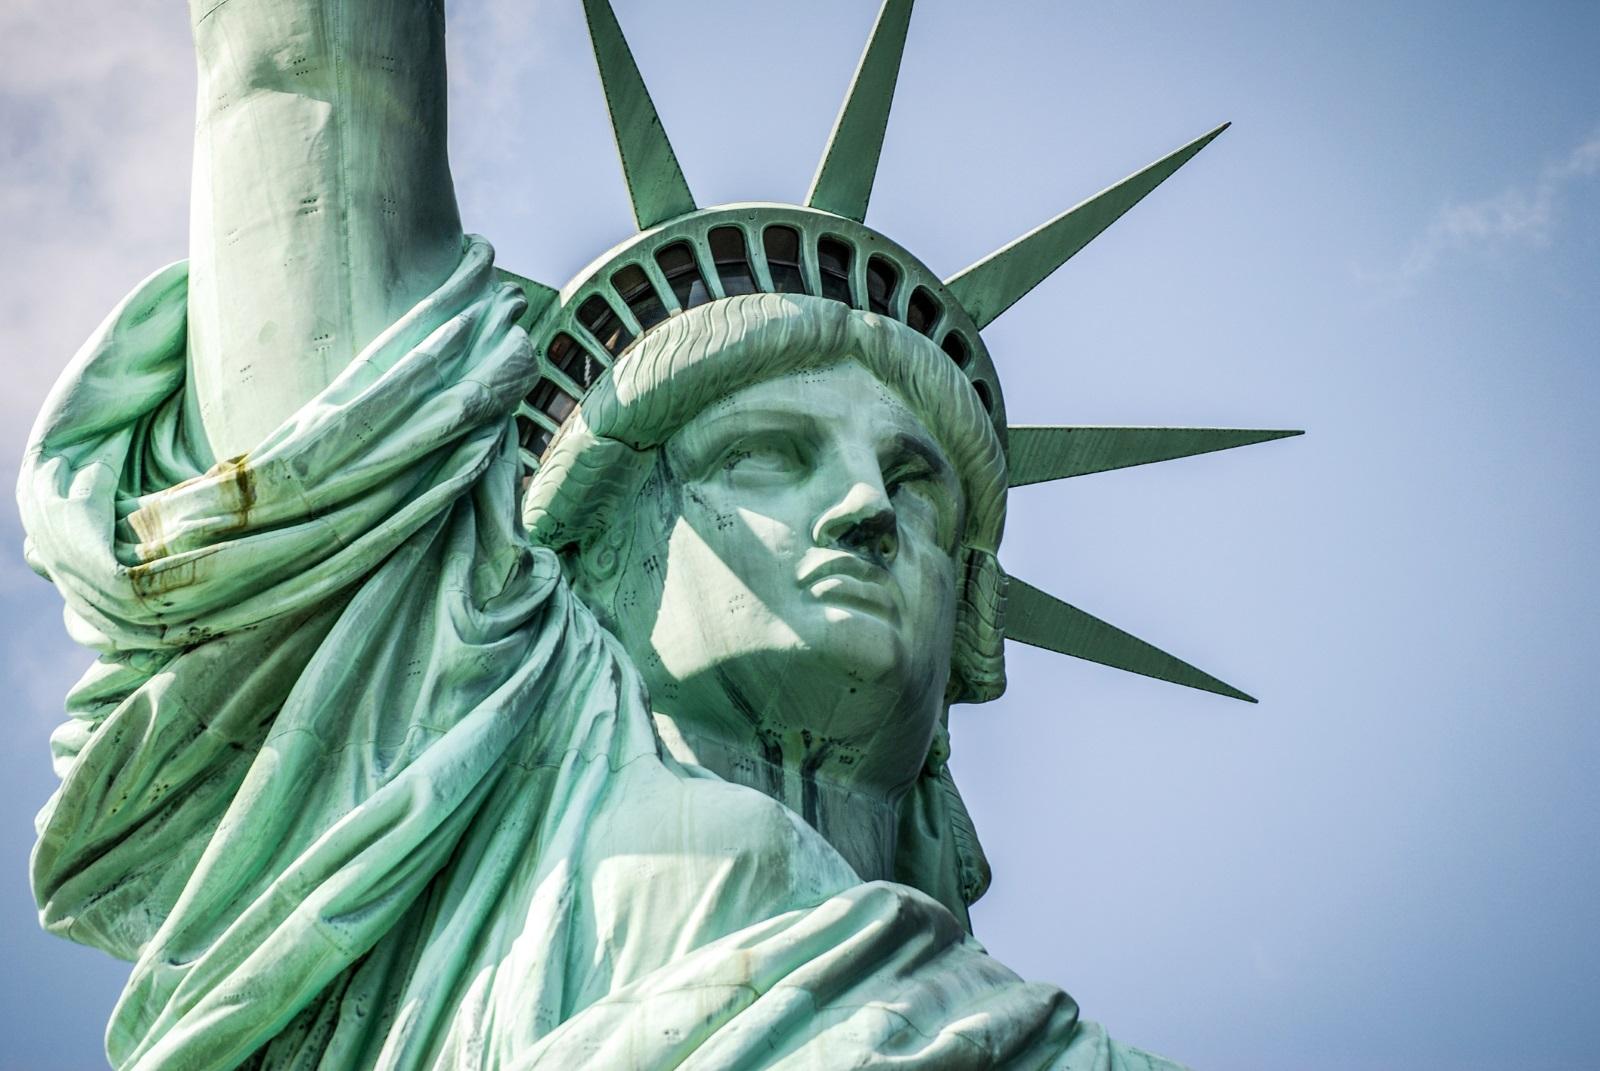 Към днешната дата, факелът е поправен, но само служители на Службата на националните паркове на САЩ могат да достигнат до тази част на статуята.<br />